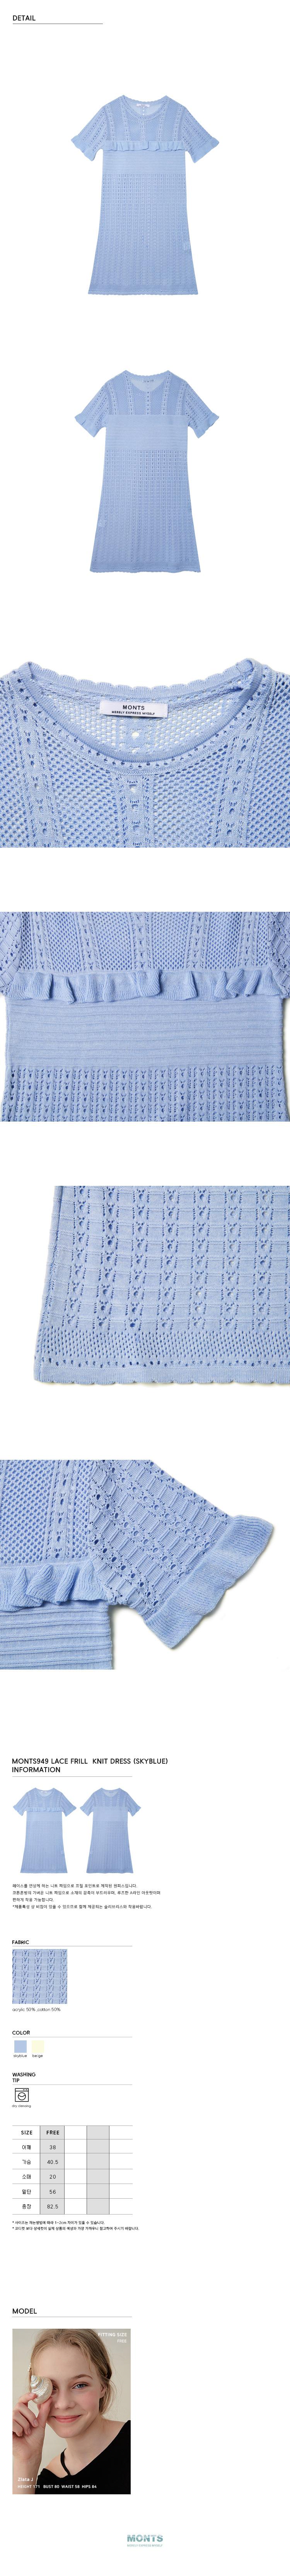 몬츠(MONTS) 949 lace frill knit dress (skyblue)